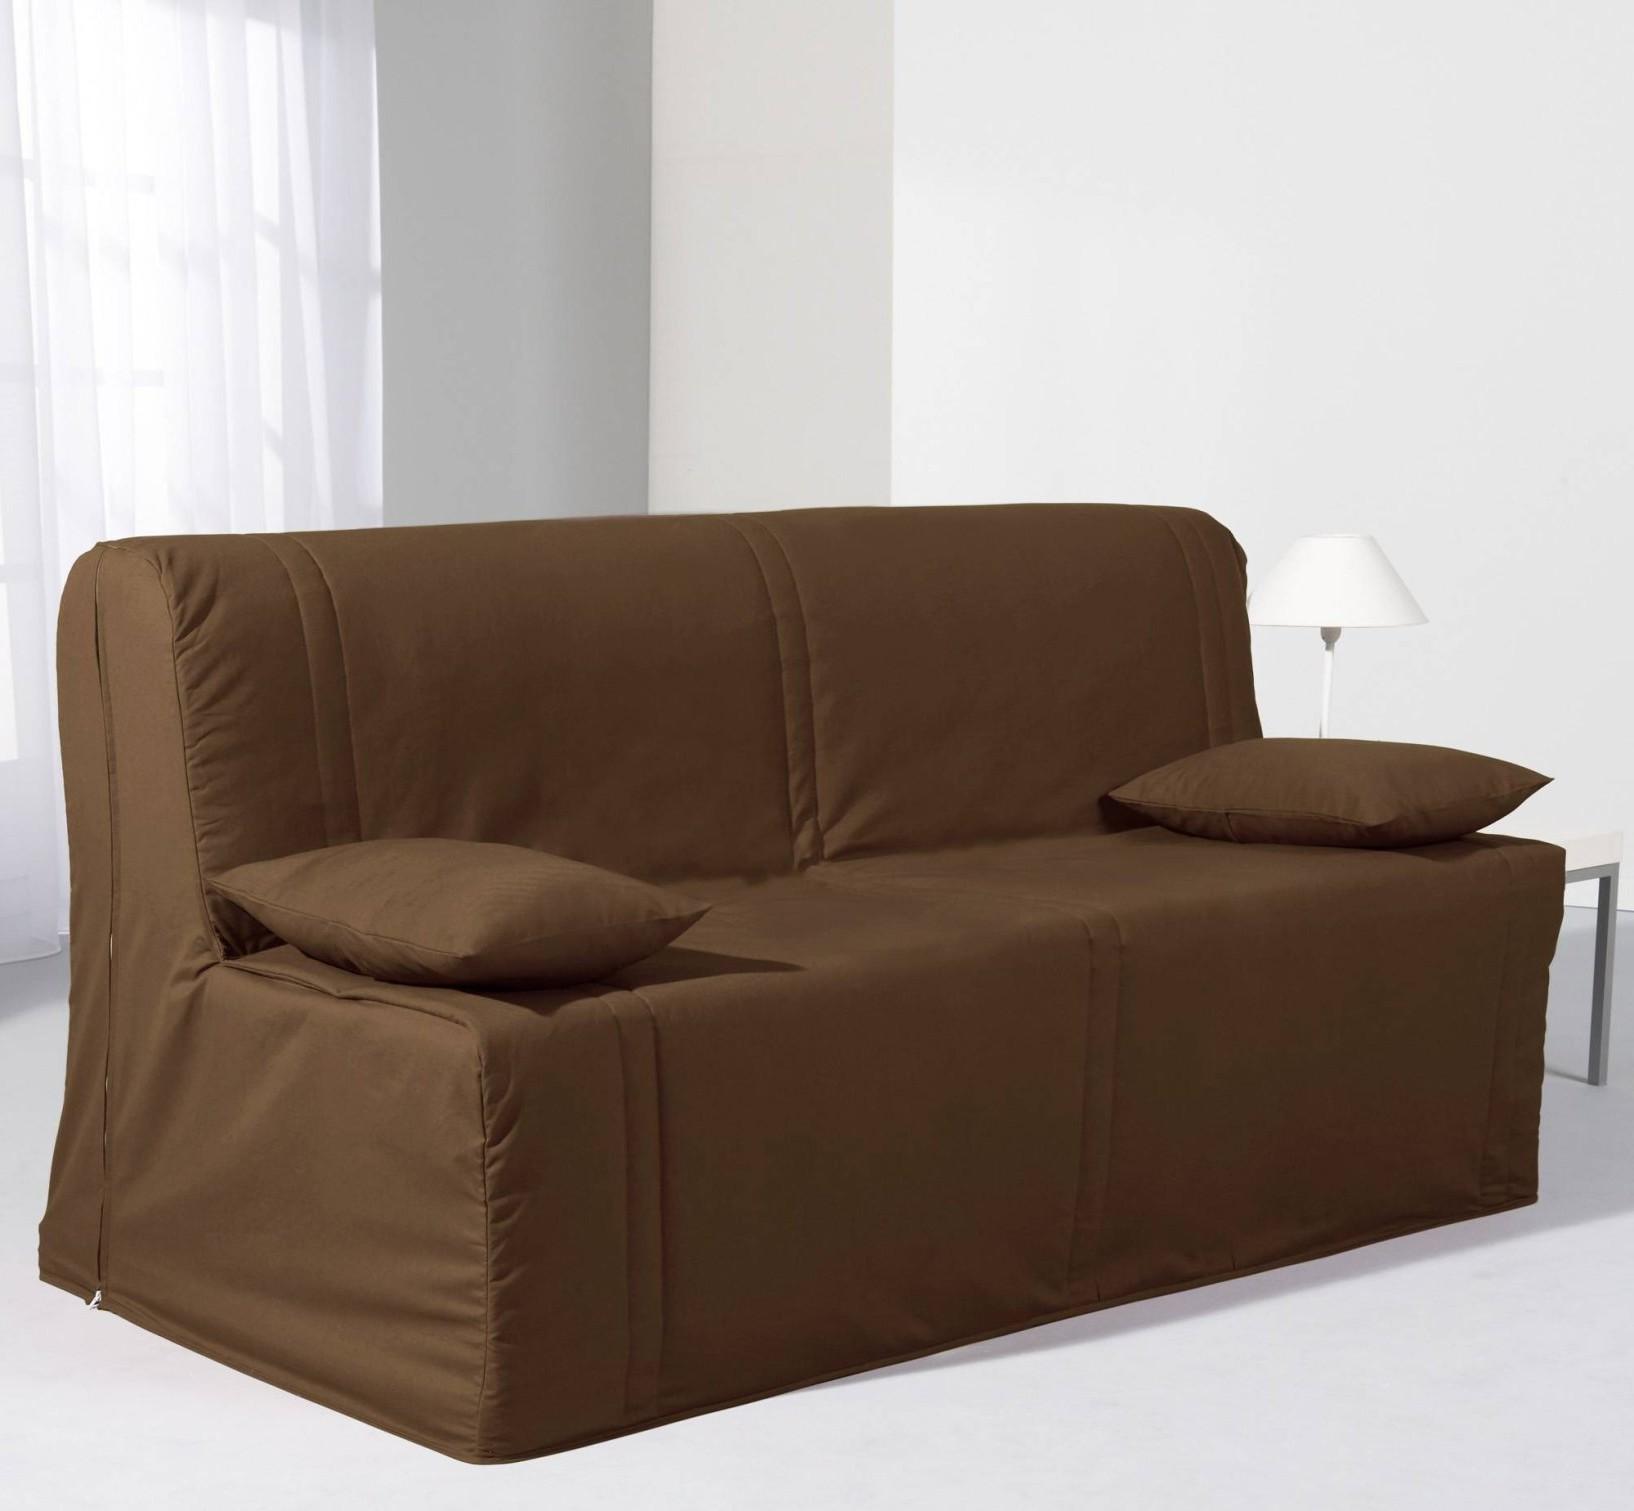 housse de canape dangle sur mesure canap id es de d coration de maison dolvexzn8m. Black Bedroom Furniture Sets. Home Design Ideas